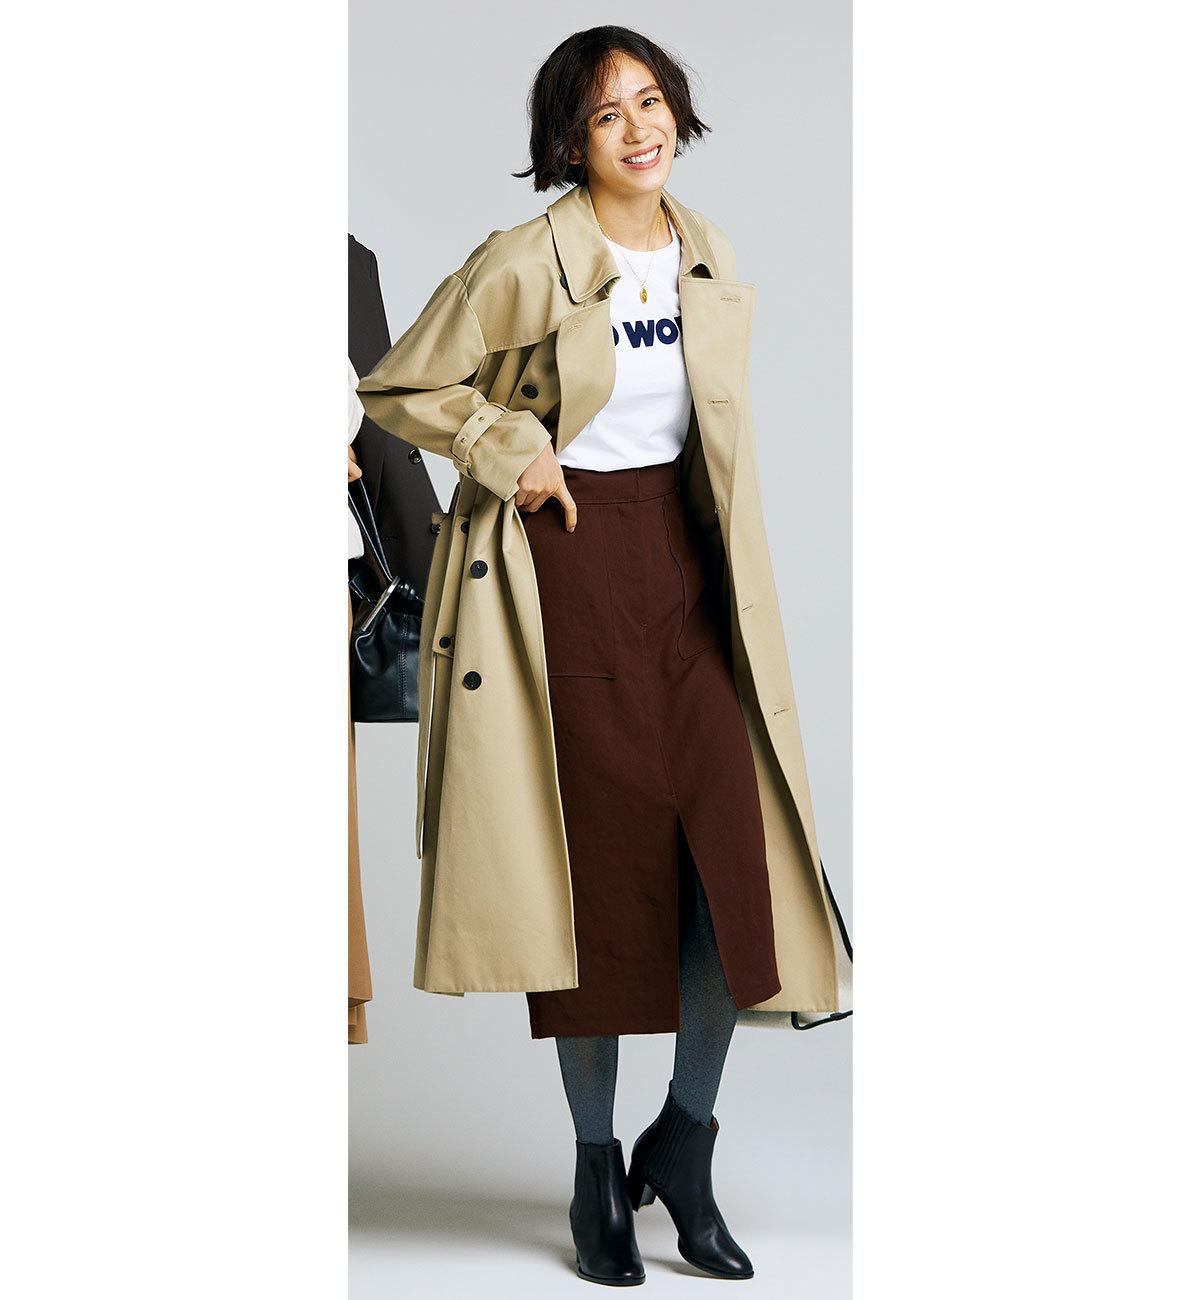 コート×タイトスカート×グレータイツ×ショートブーツコーデ